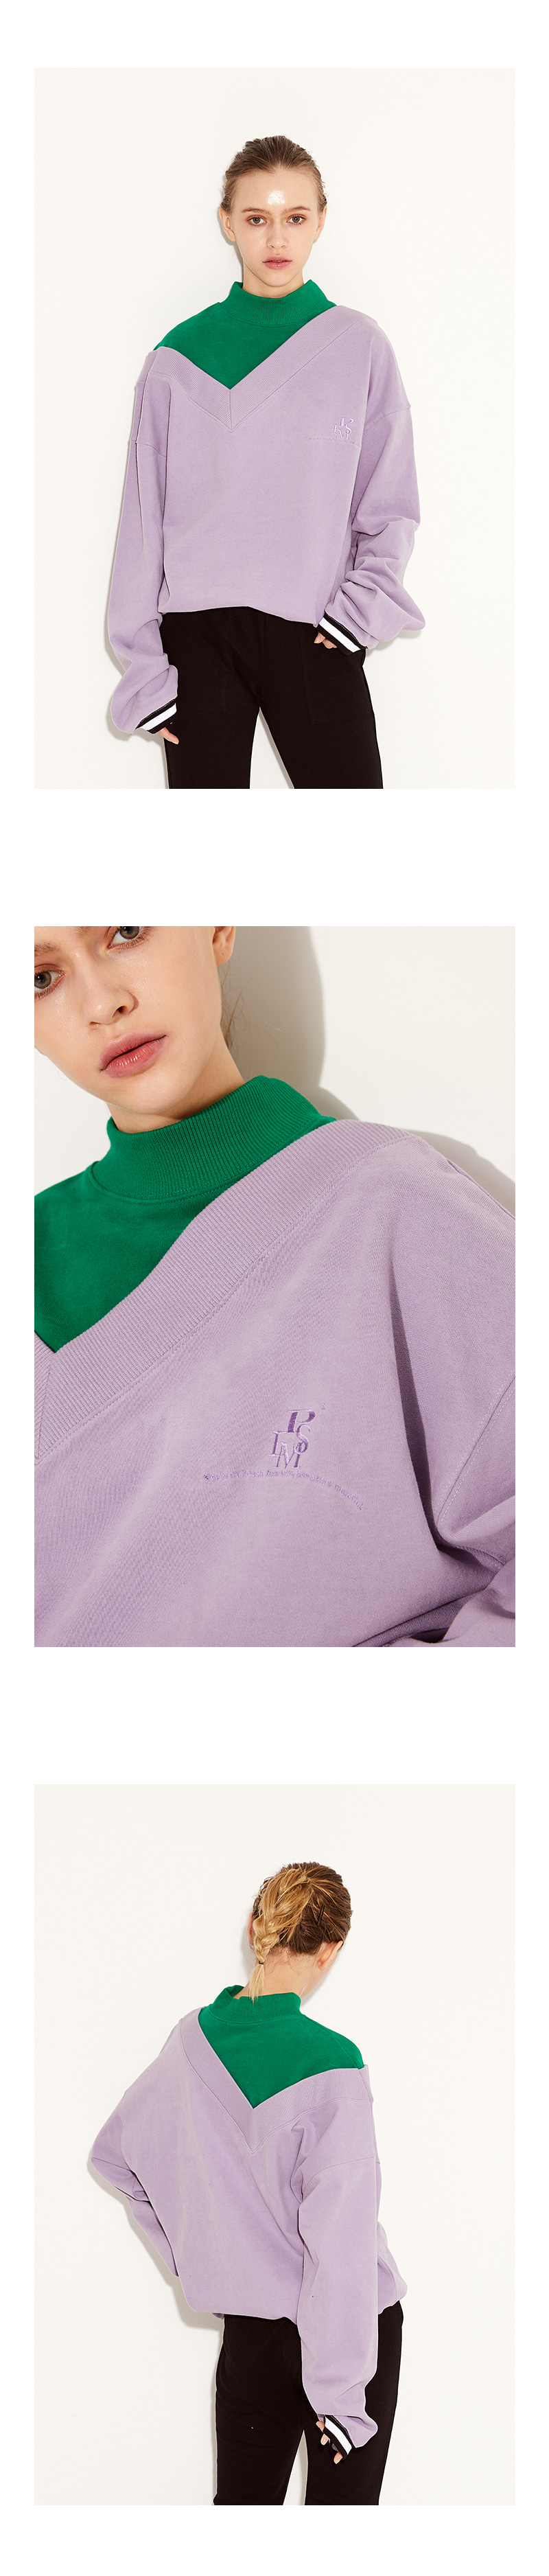 플라즈마 스페어(PLASMA SPHERE) Pluto T-shirt__Violet